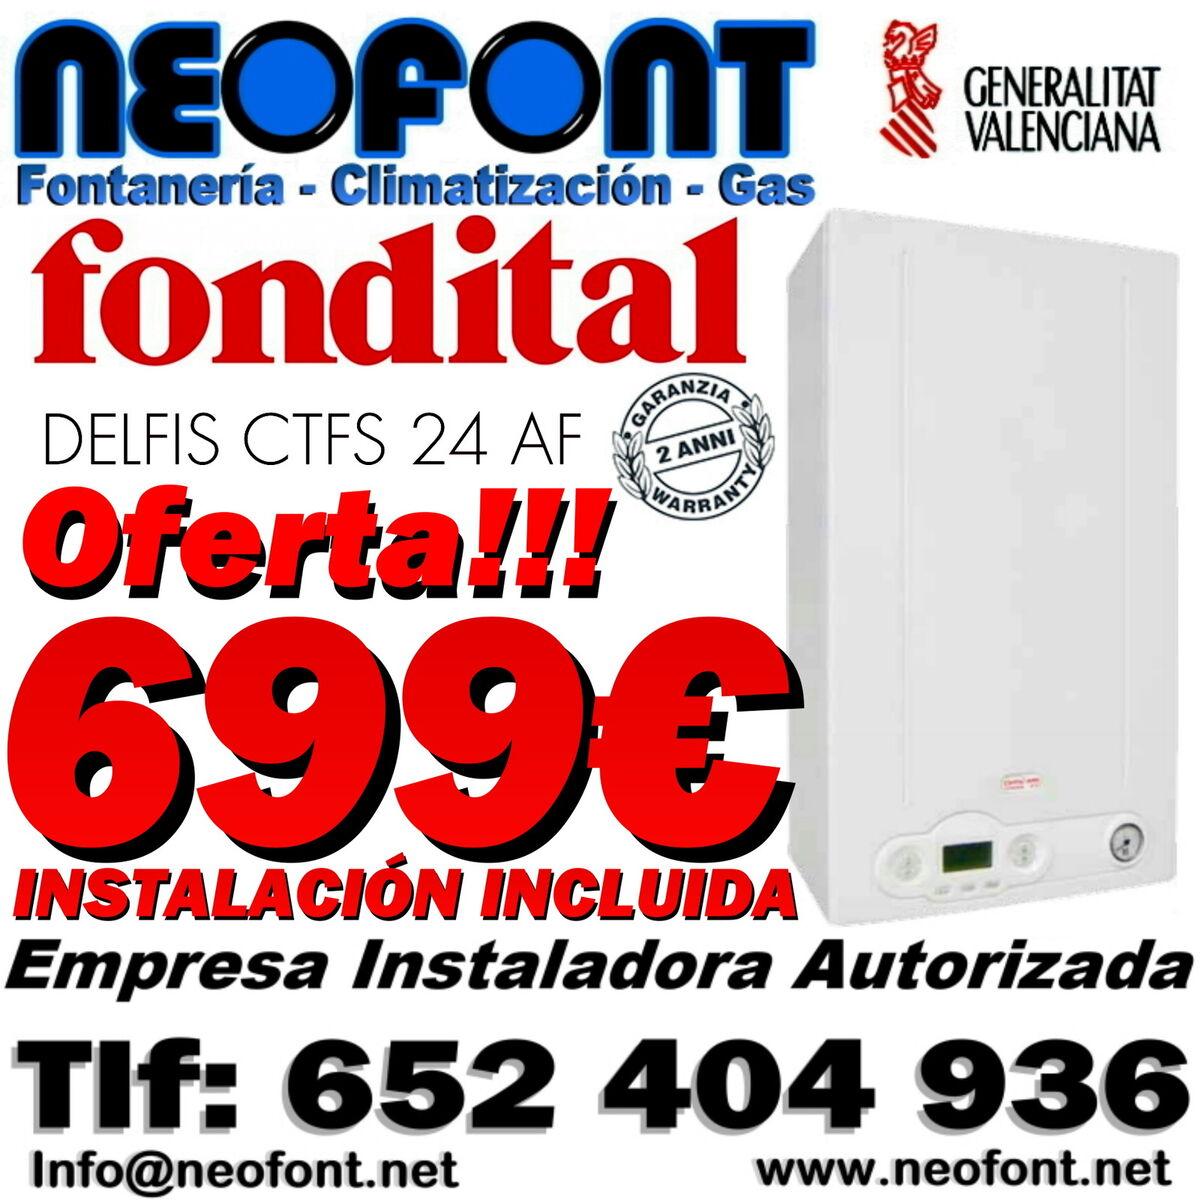 CALENTADORES DE AGUA Y TERMOS ELECTRICOS ECONOMICOS, EN EL CAMPELLO | muebles / electrodomésticos - 3/4